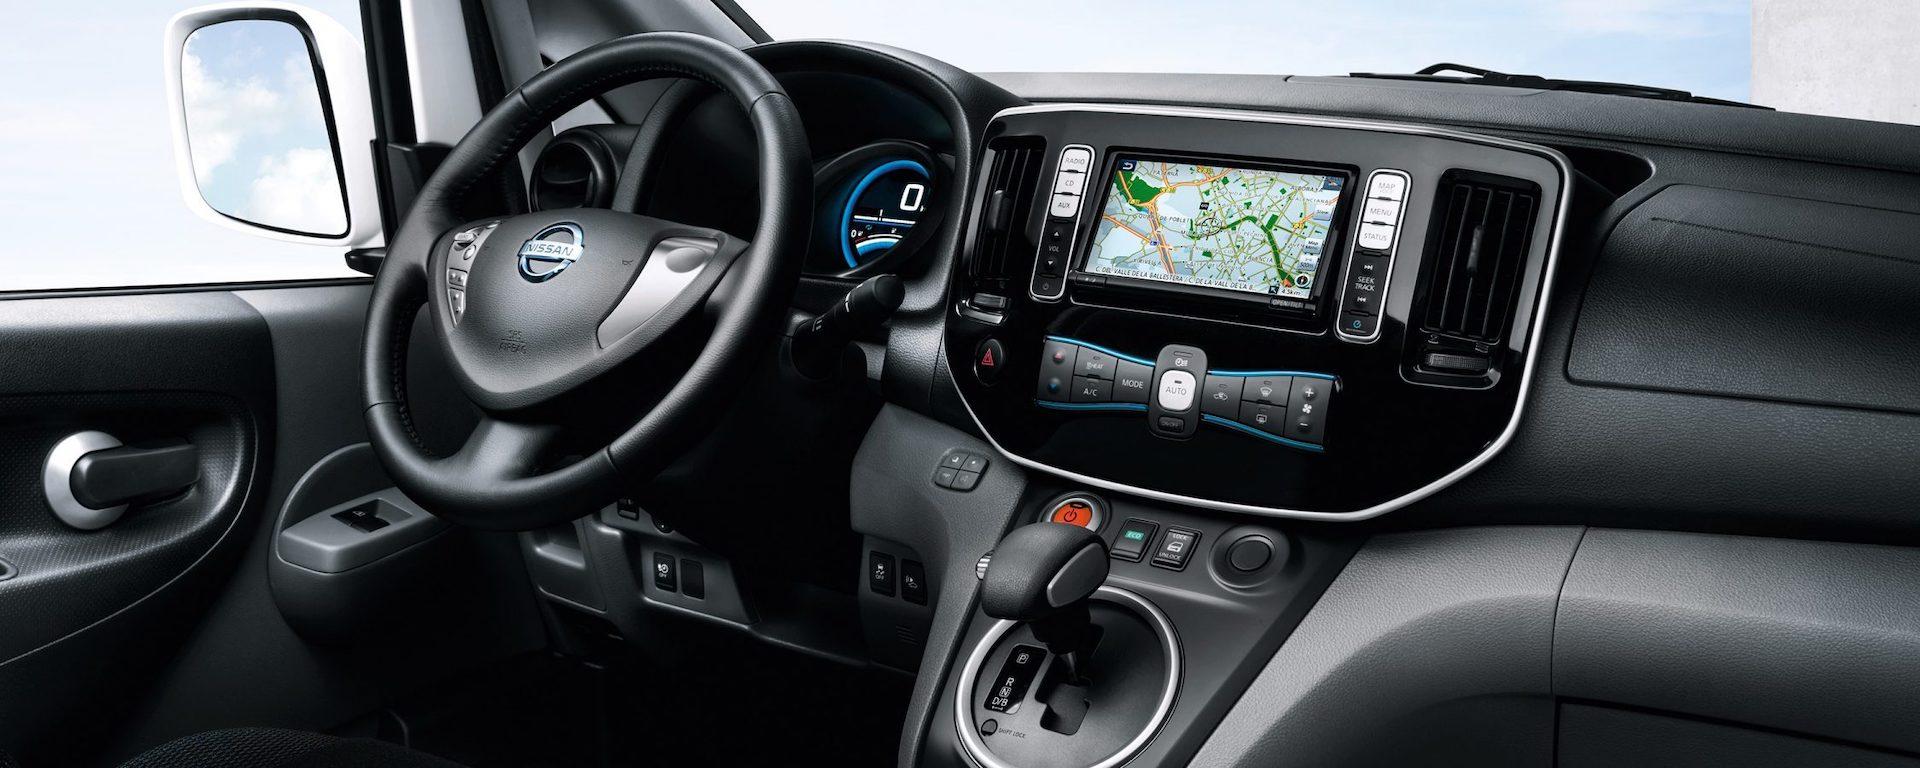 interior da Nissan e-NV200 Evalia